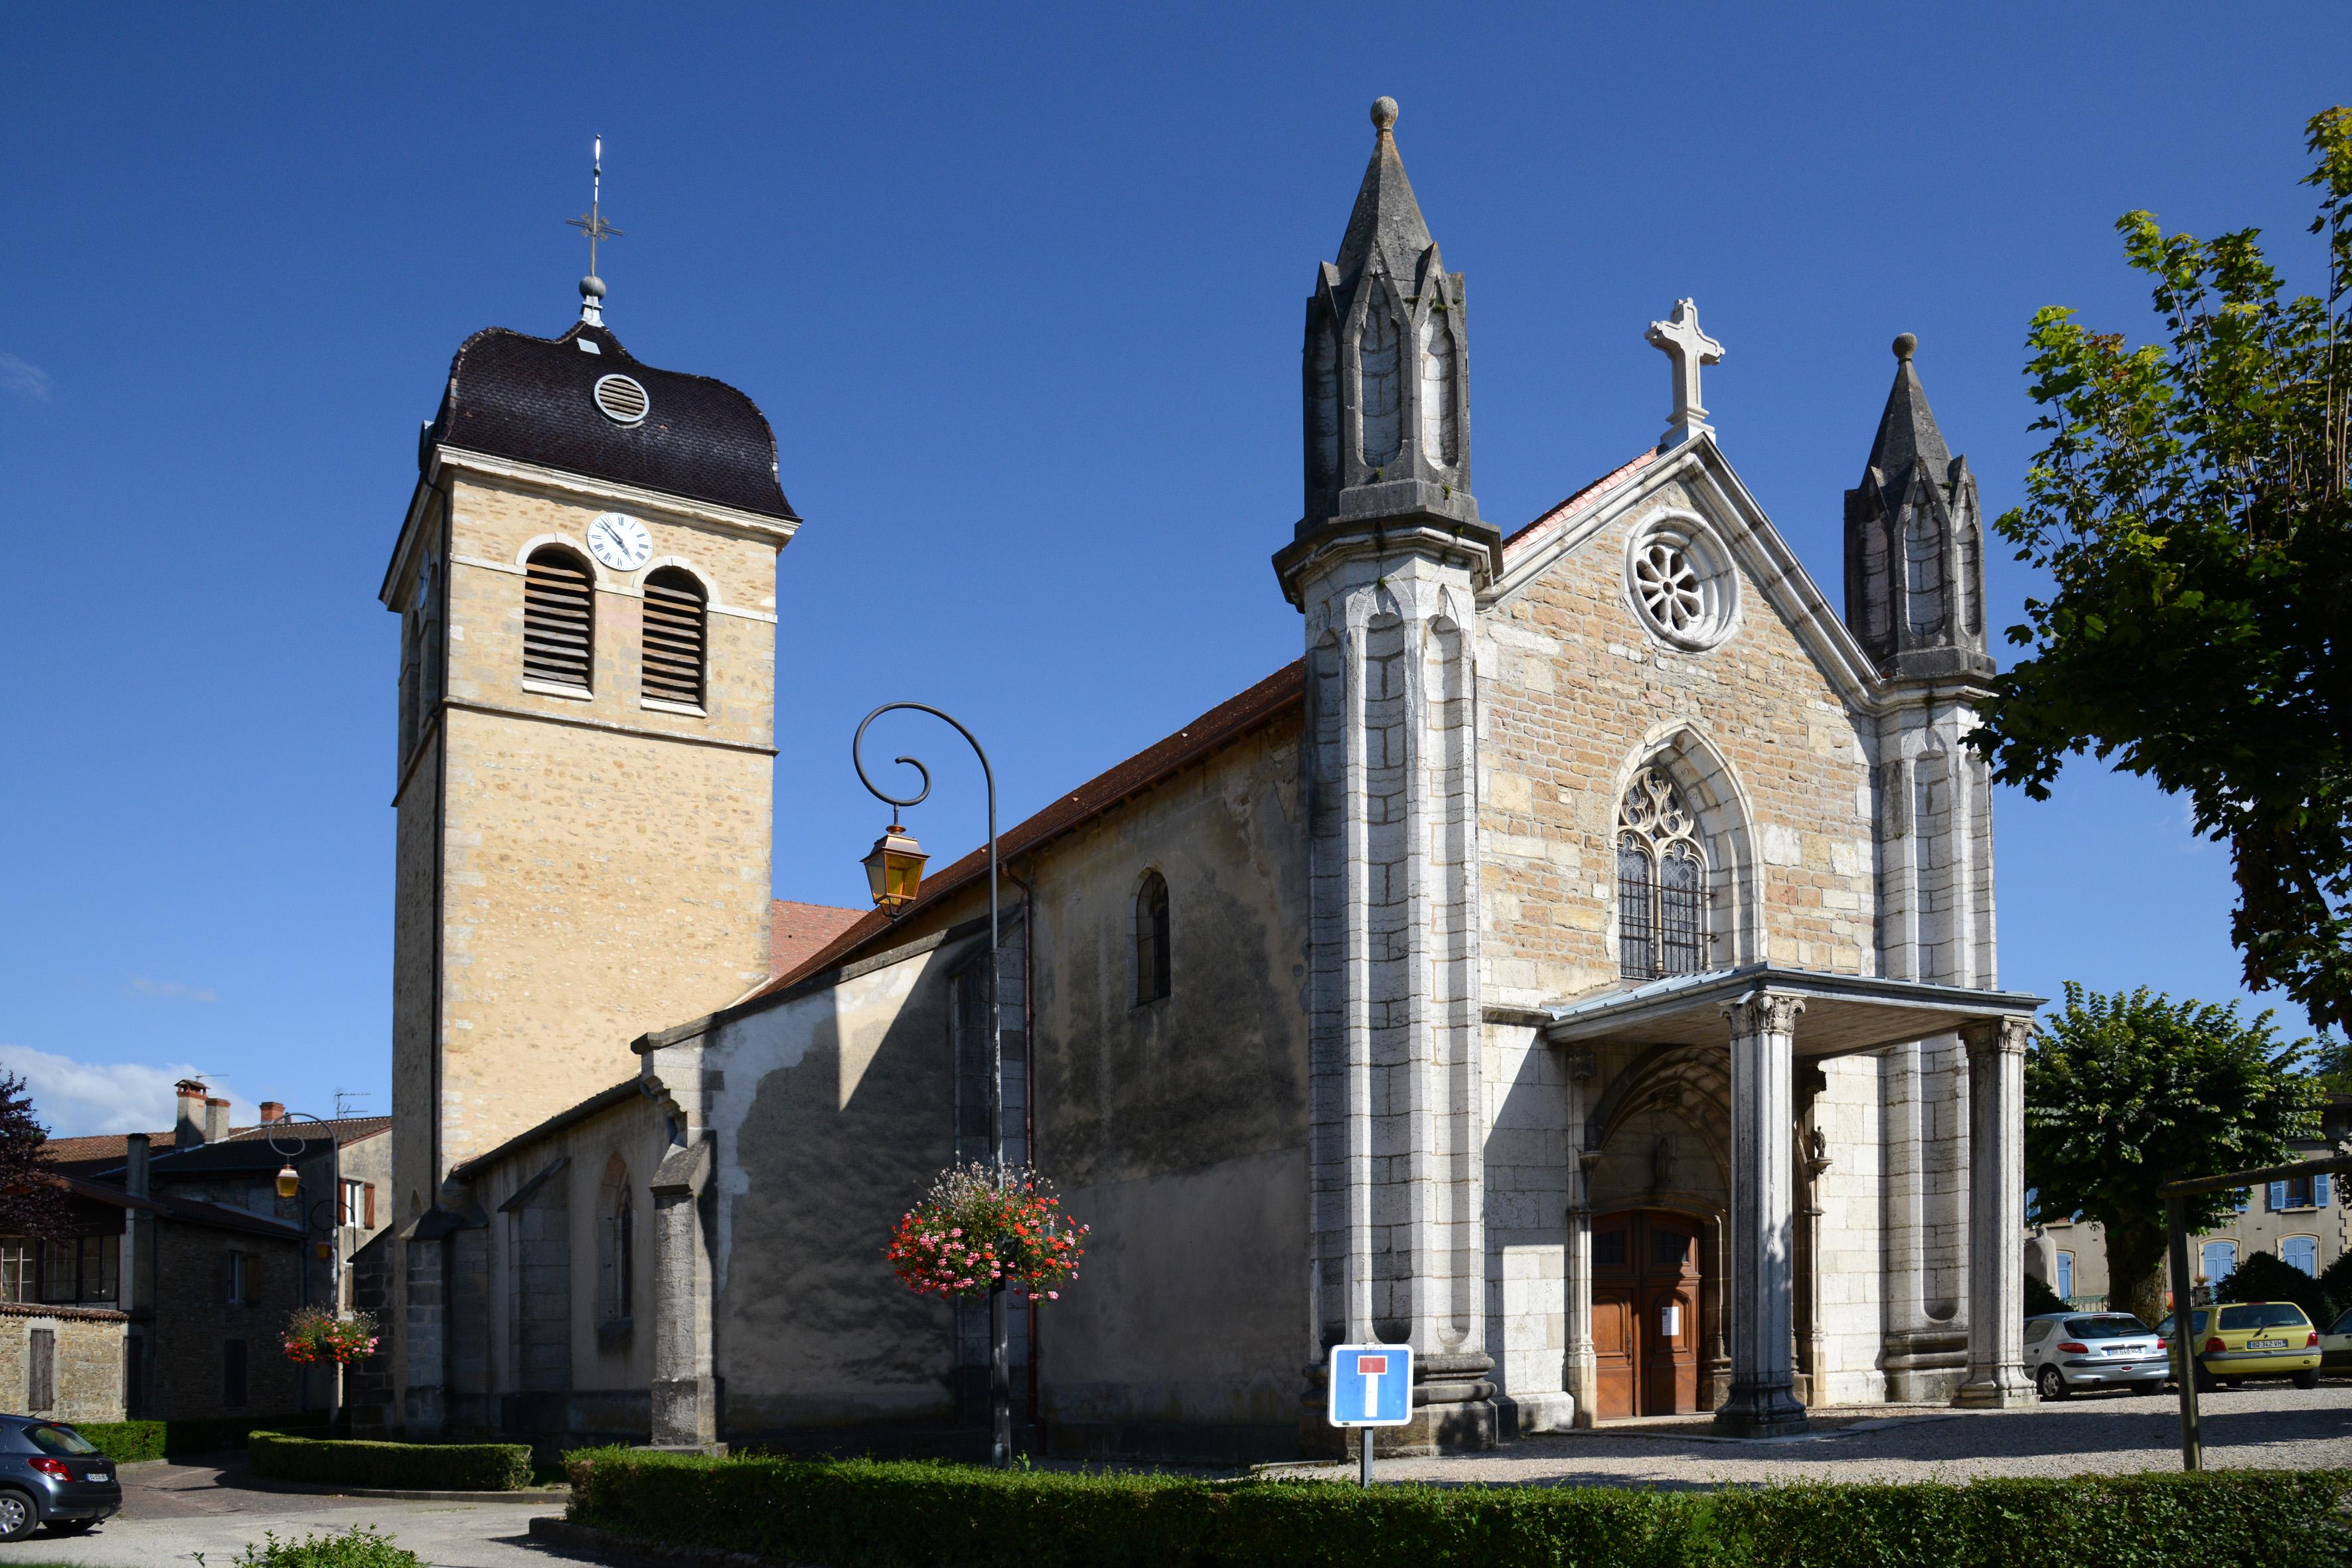 Eglise Saint-Jean-le-Vieux